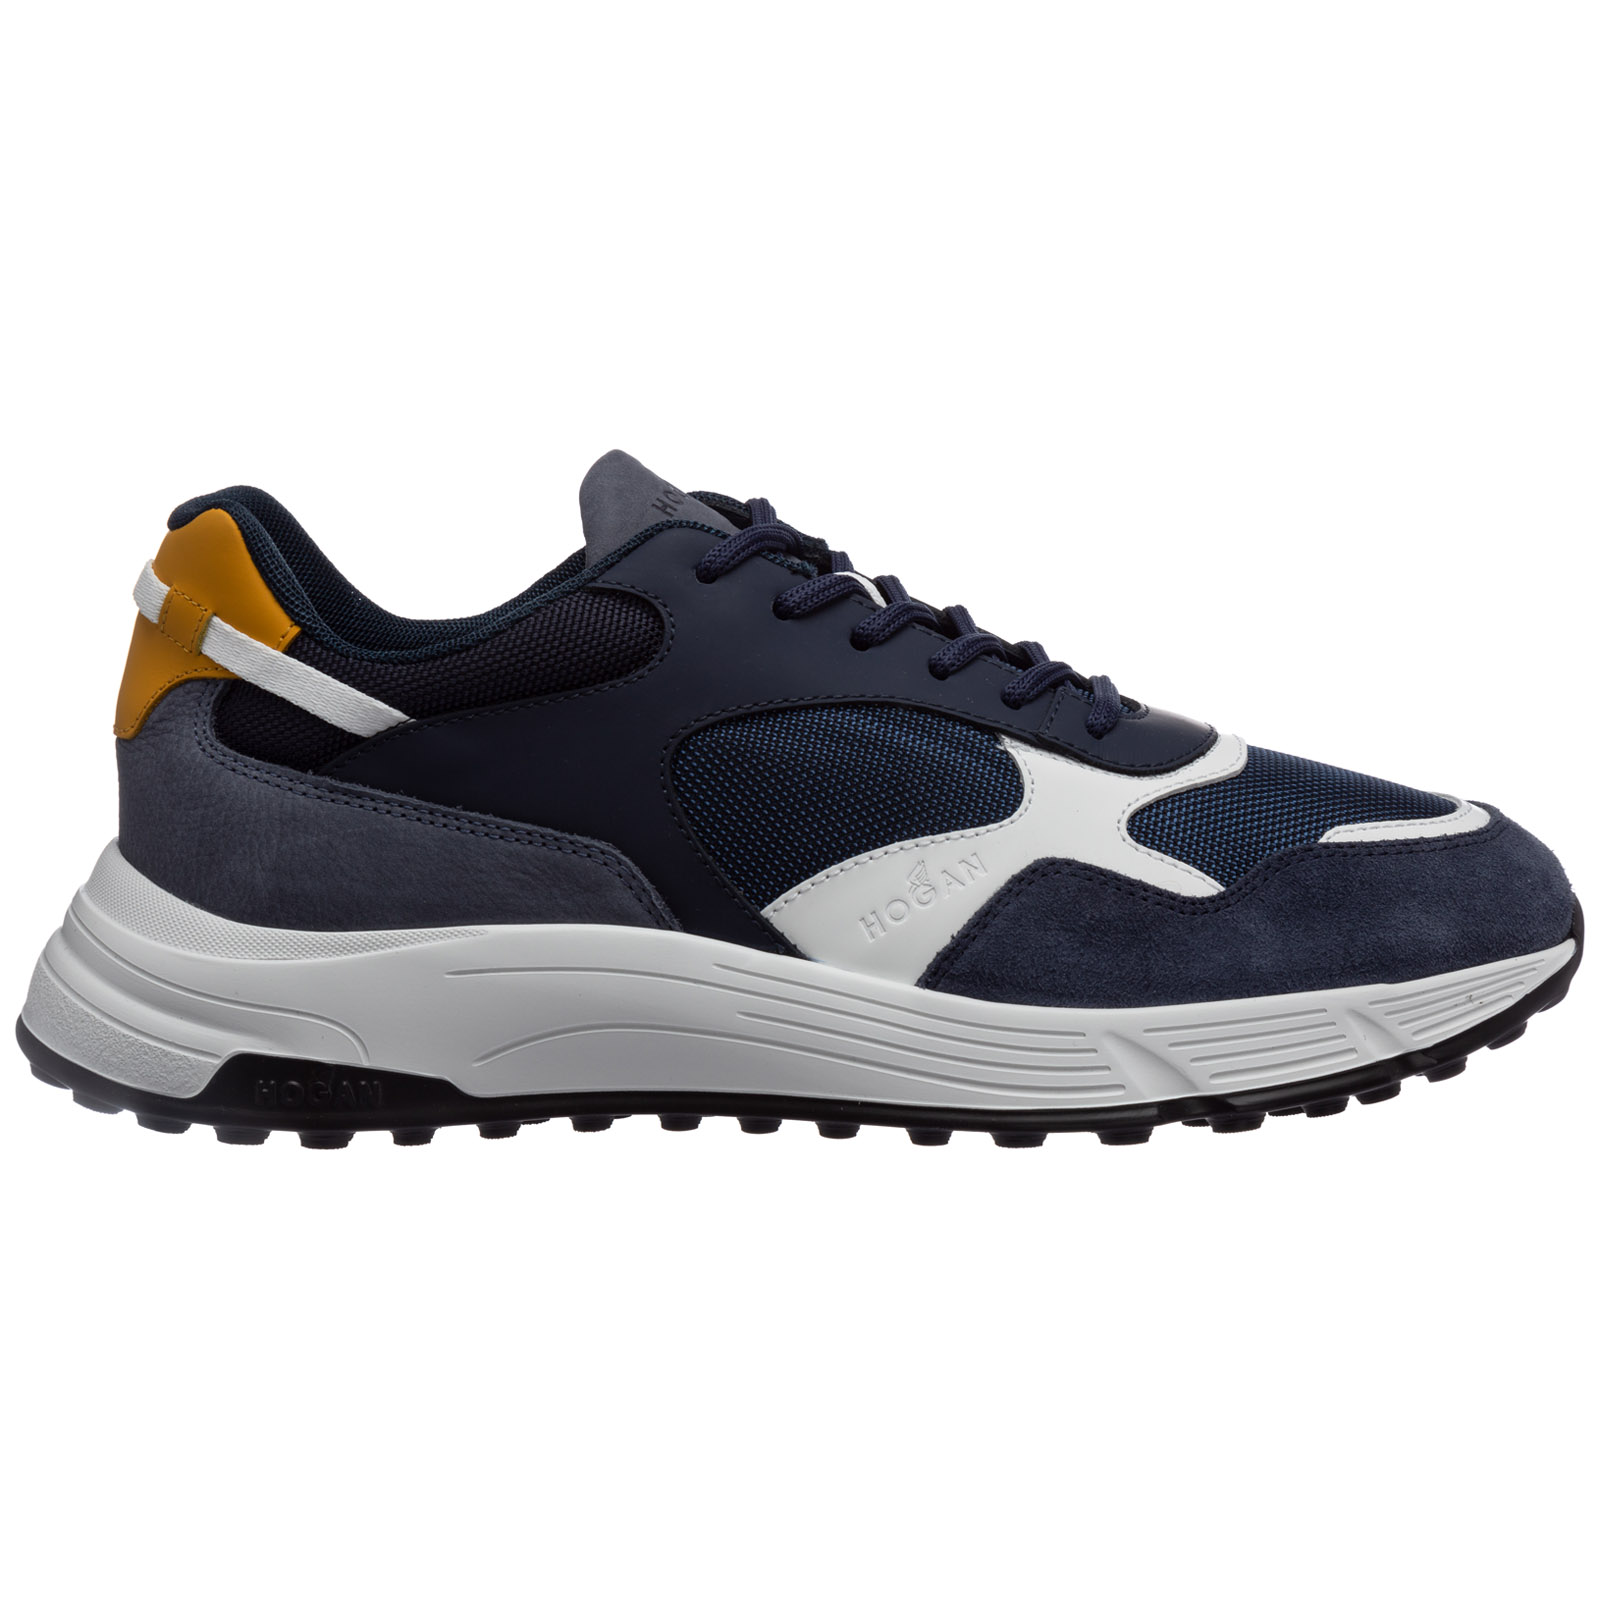 Scarpe sneakers uomo in pelle hyperlight